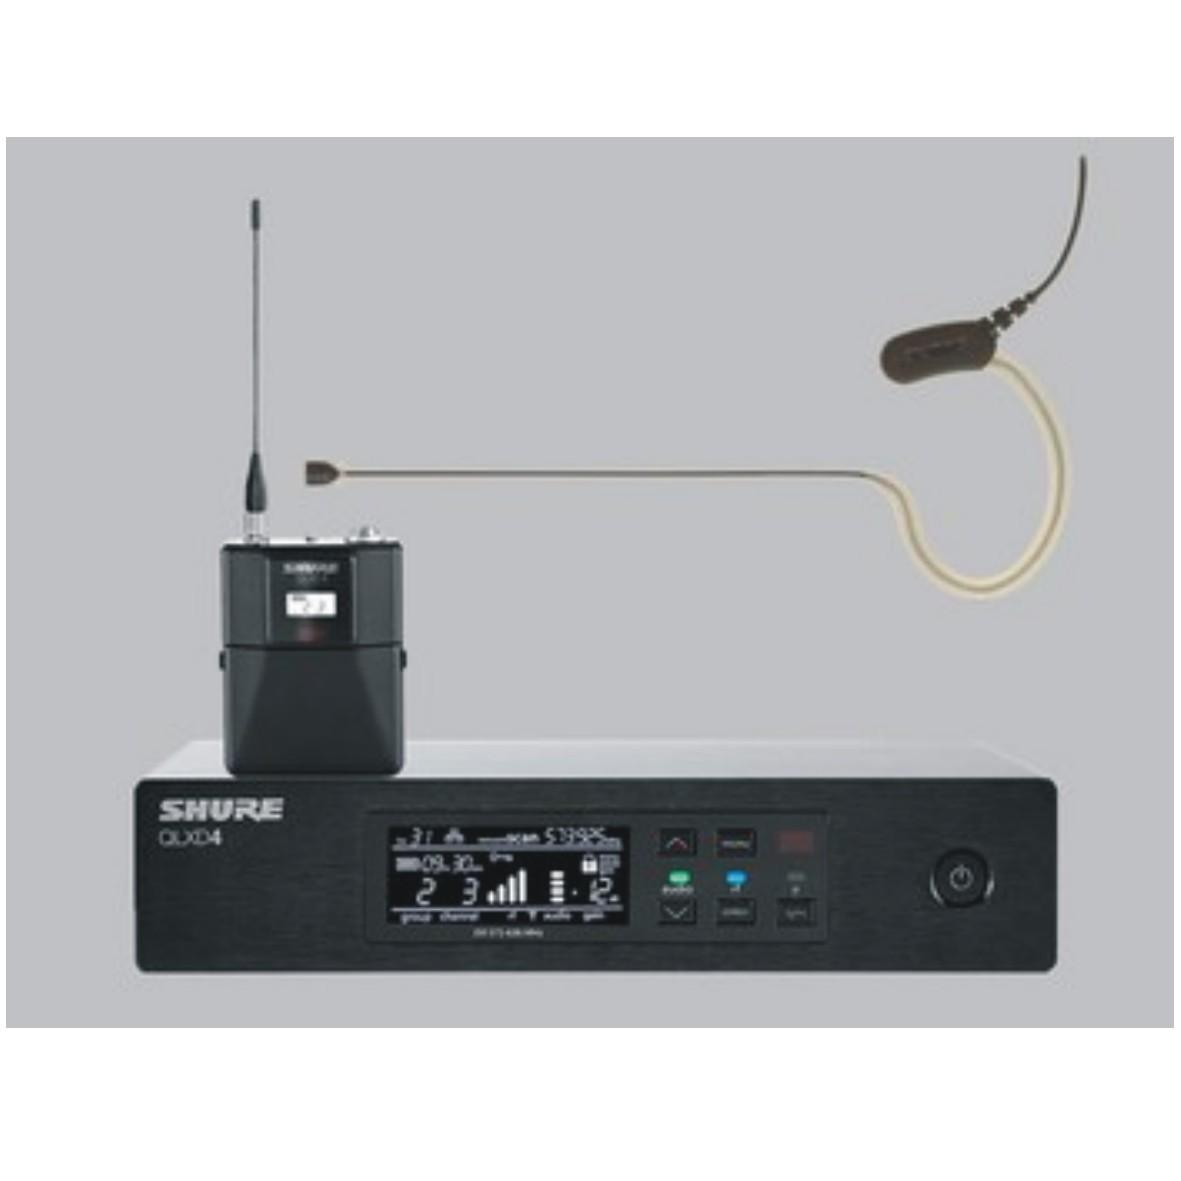 QLXD14/MX153 头戴式无线数字麦克风系统